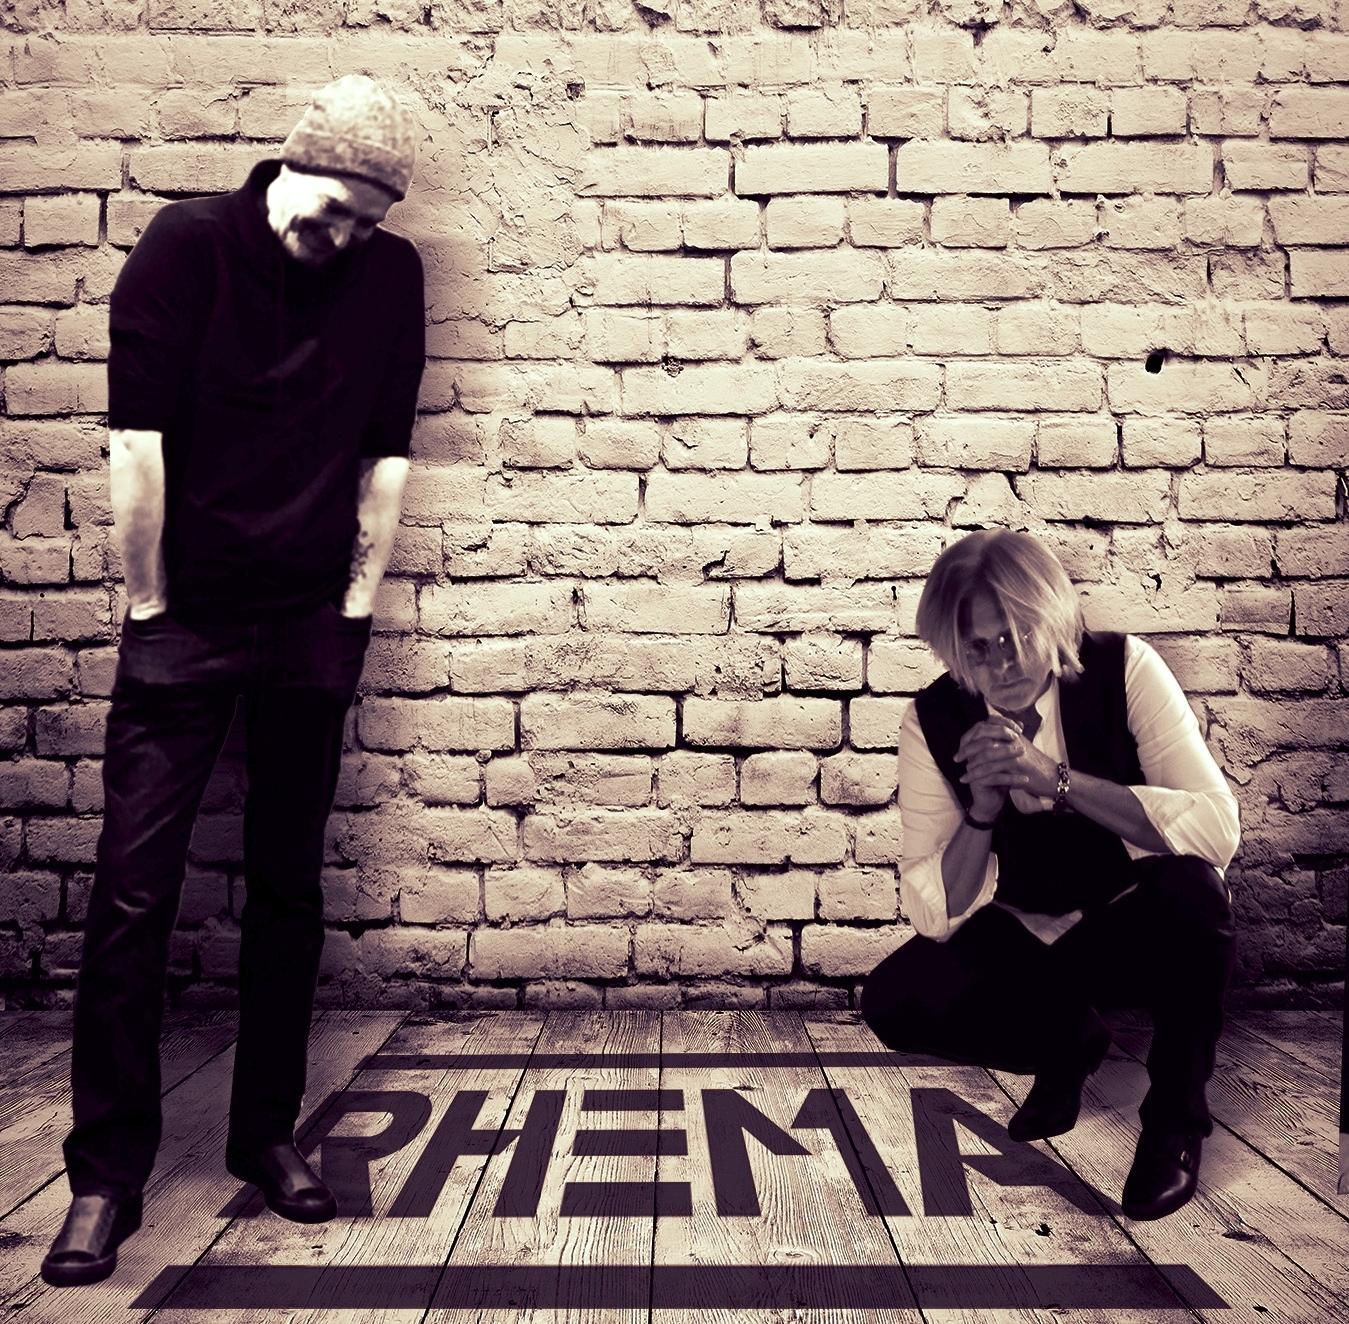 RHEMA PROMO SHOT.jpg